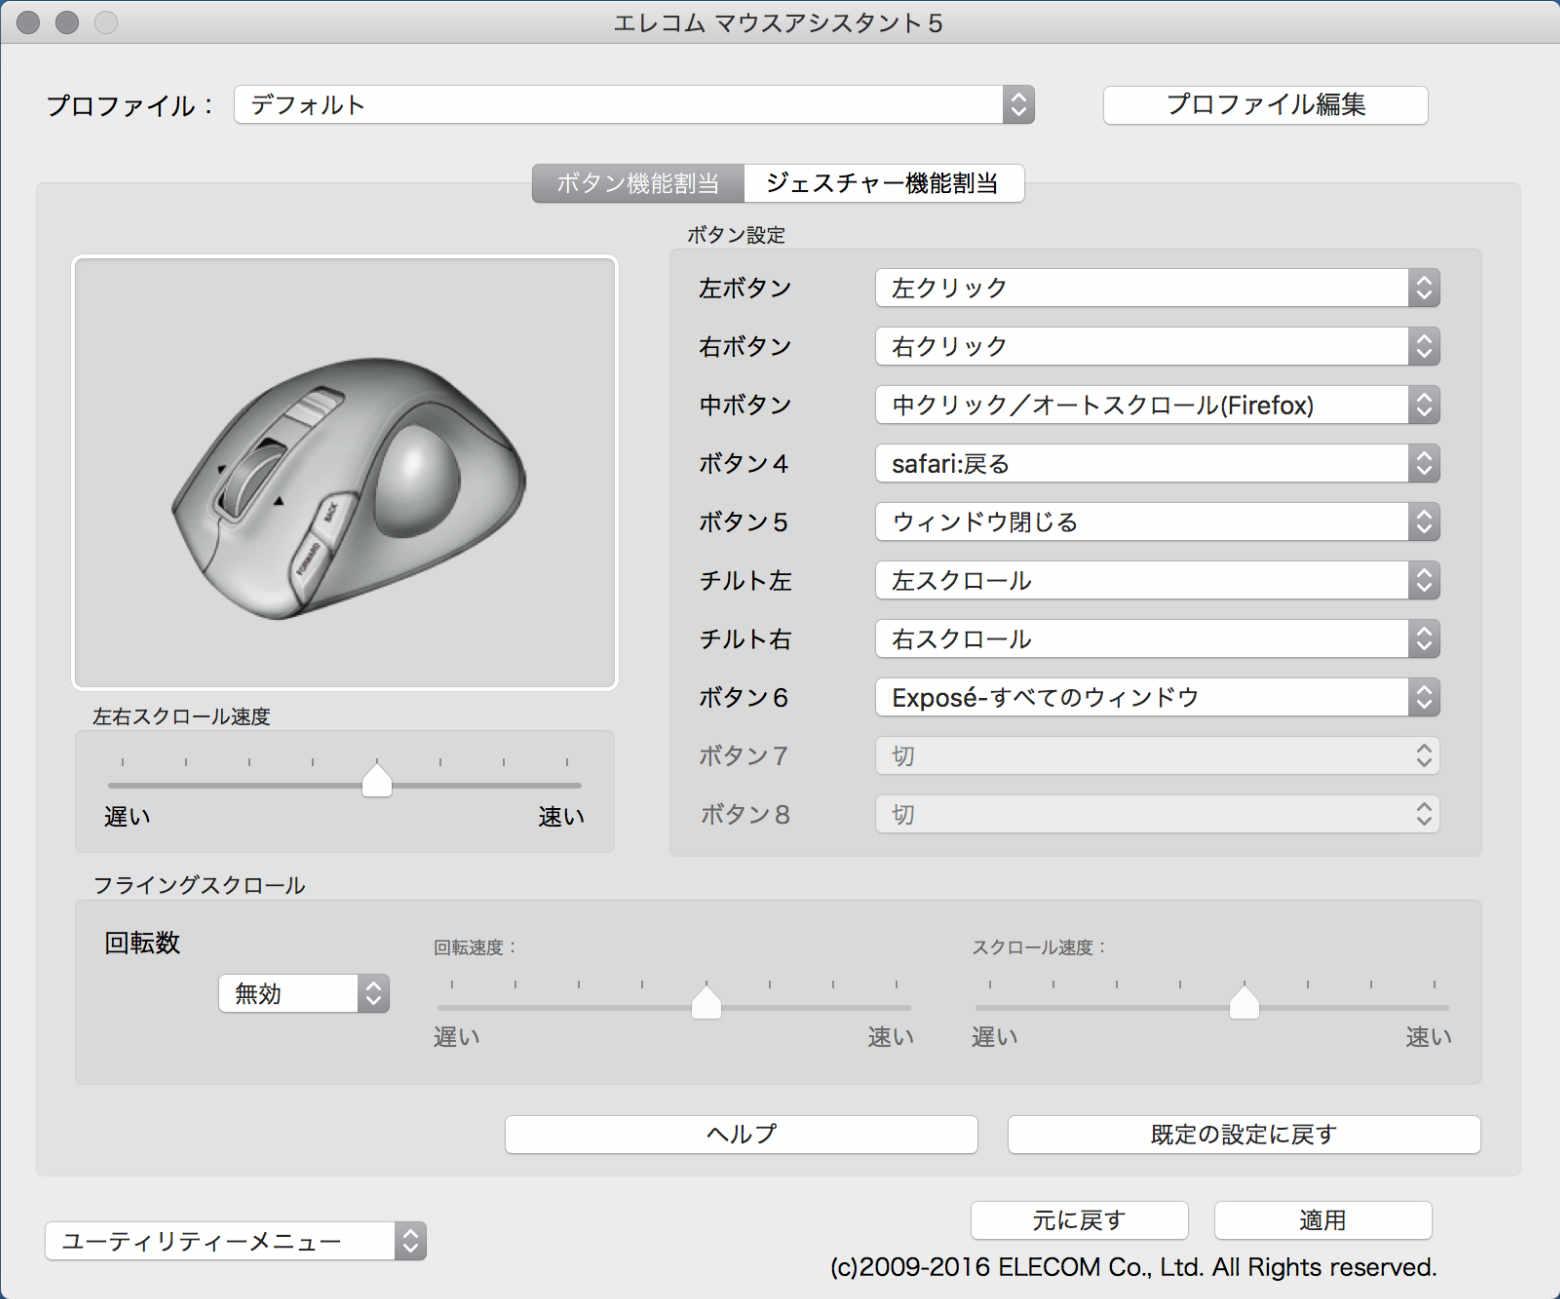 トラックボールマウス「M-XT3DRBK 」のコントロールパネル